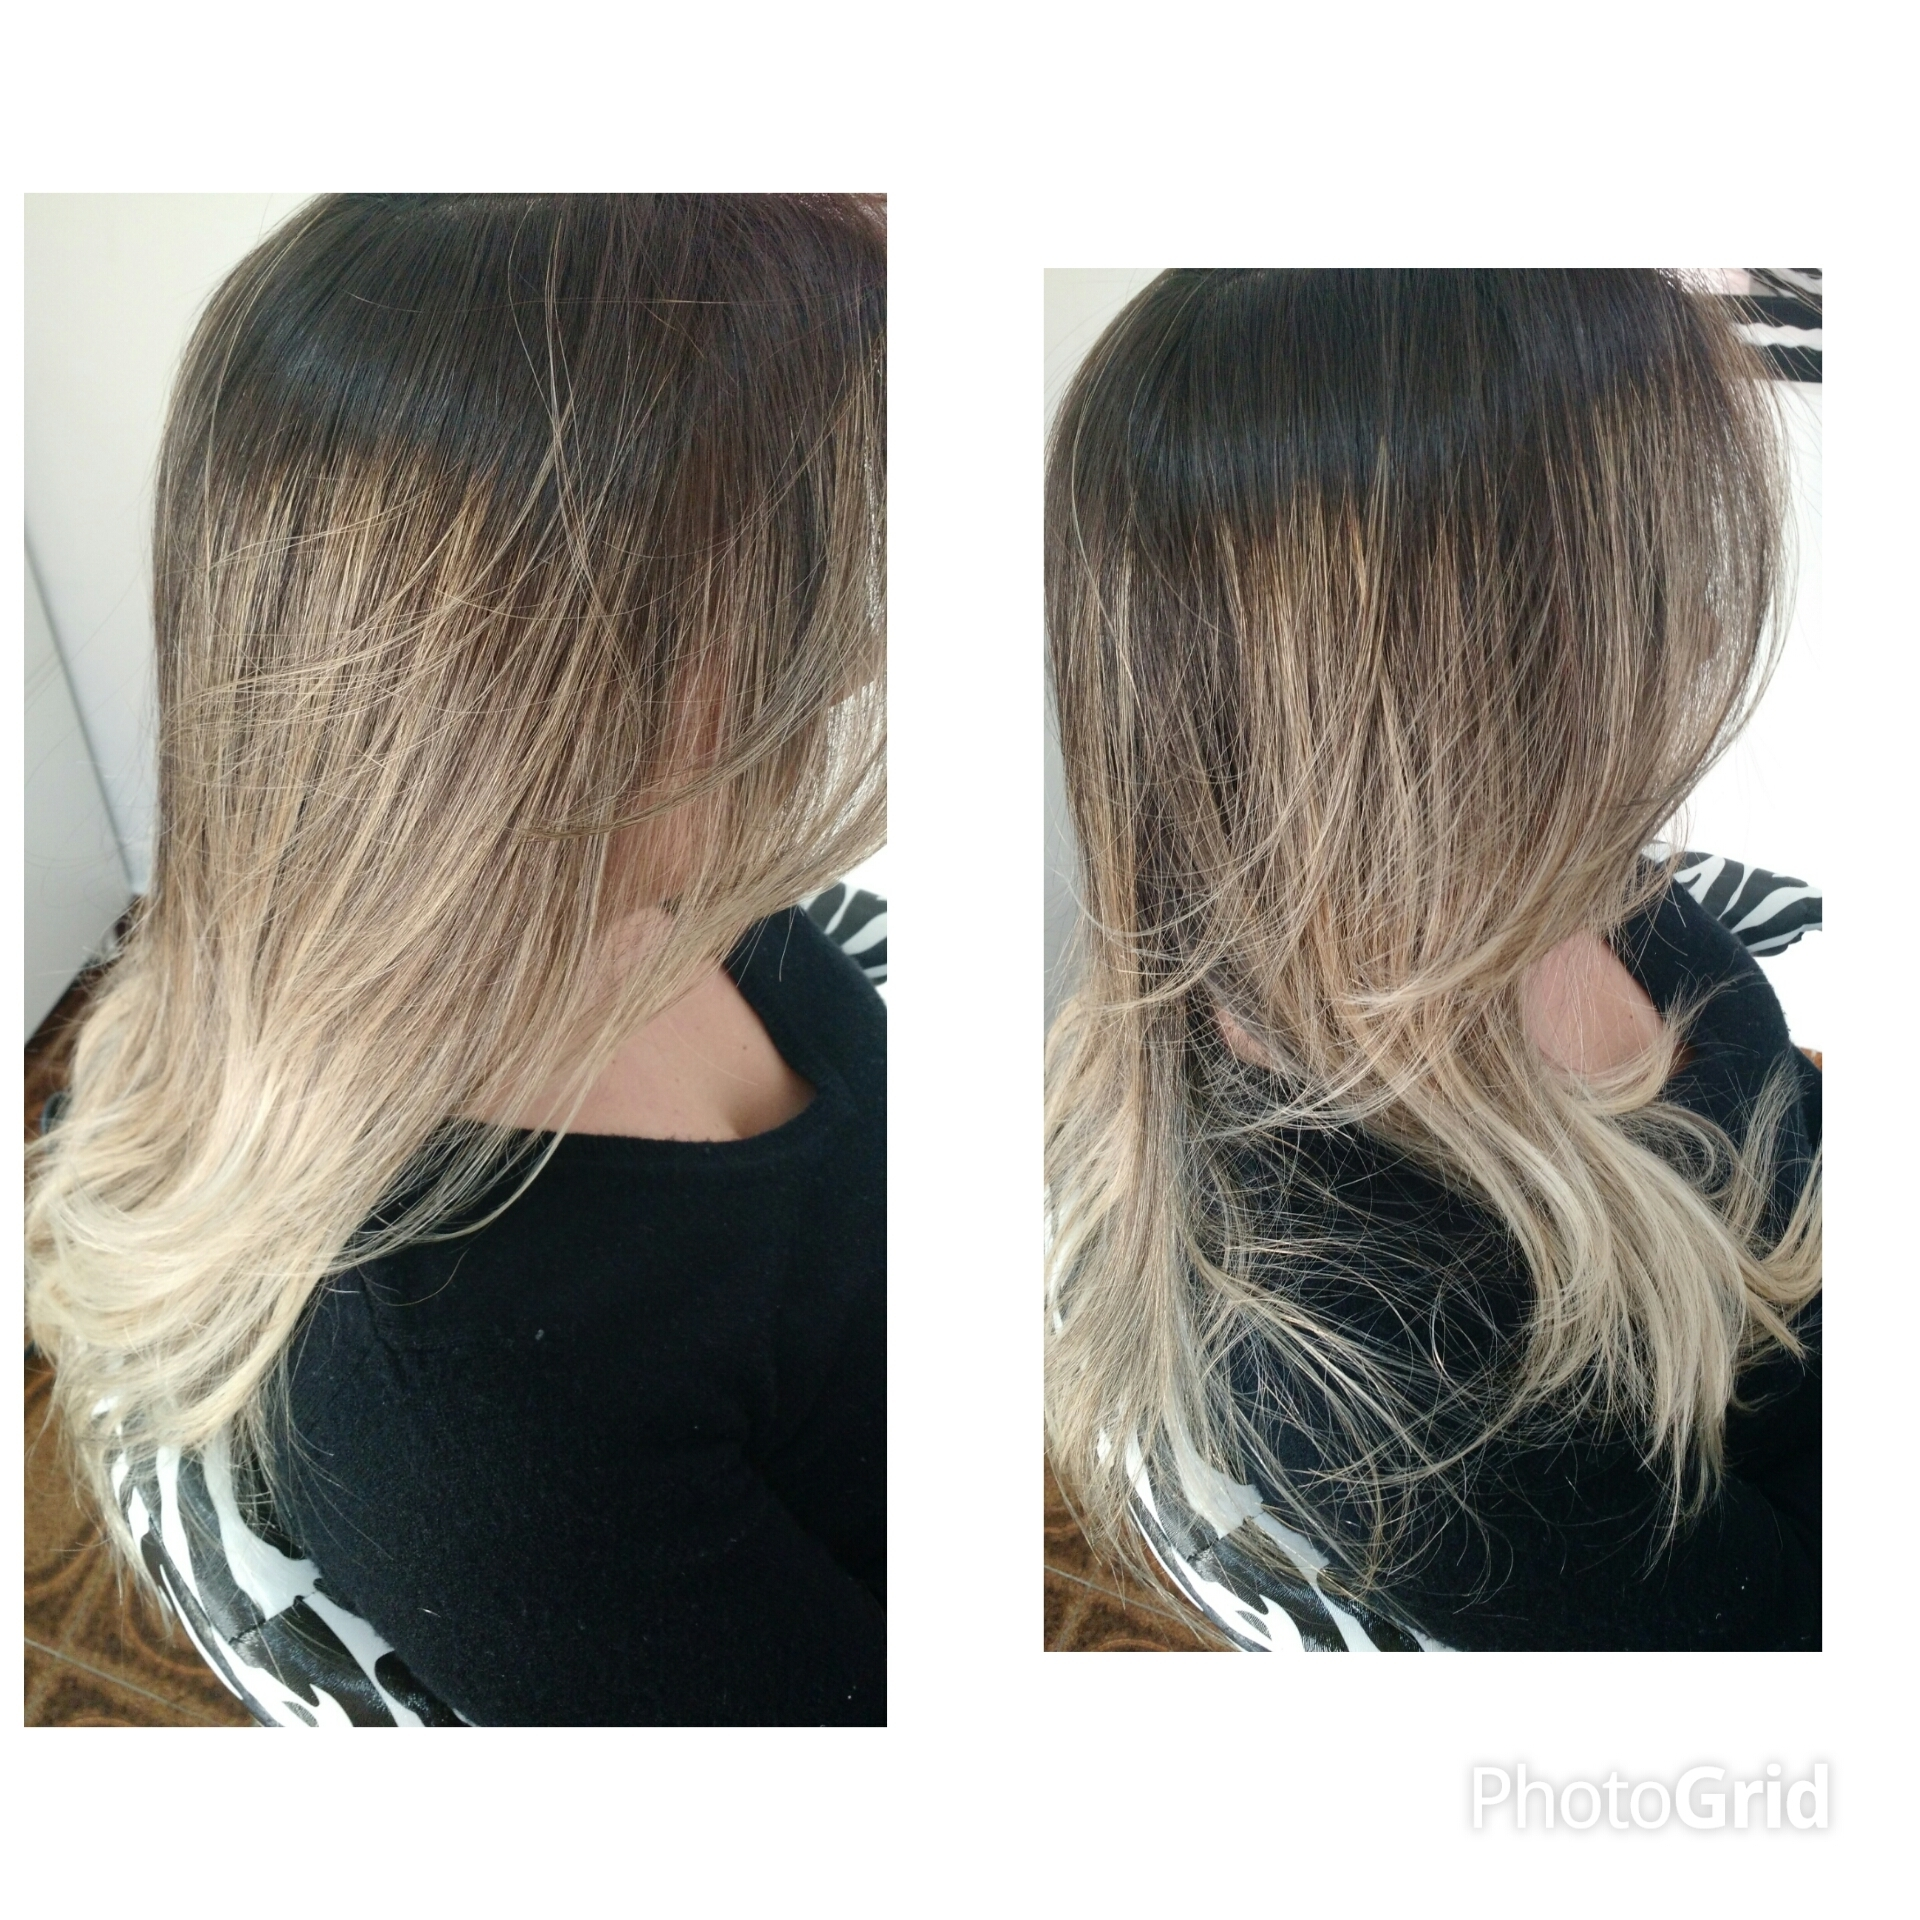 Redução de volume sem amarelar sem desbotar #reducaodevolume #job  cabelo cabeleireiro(a)